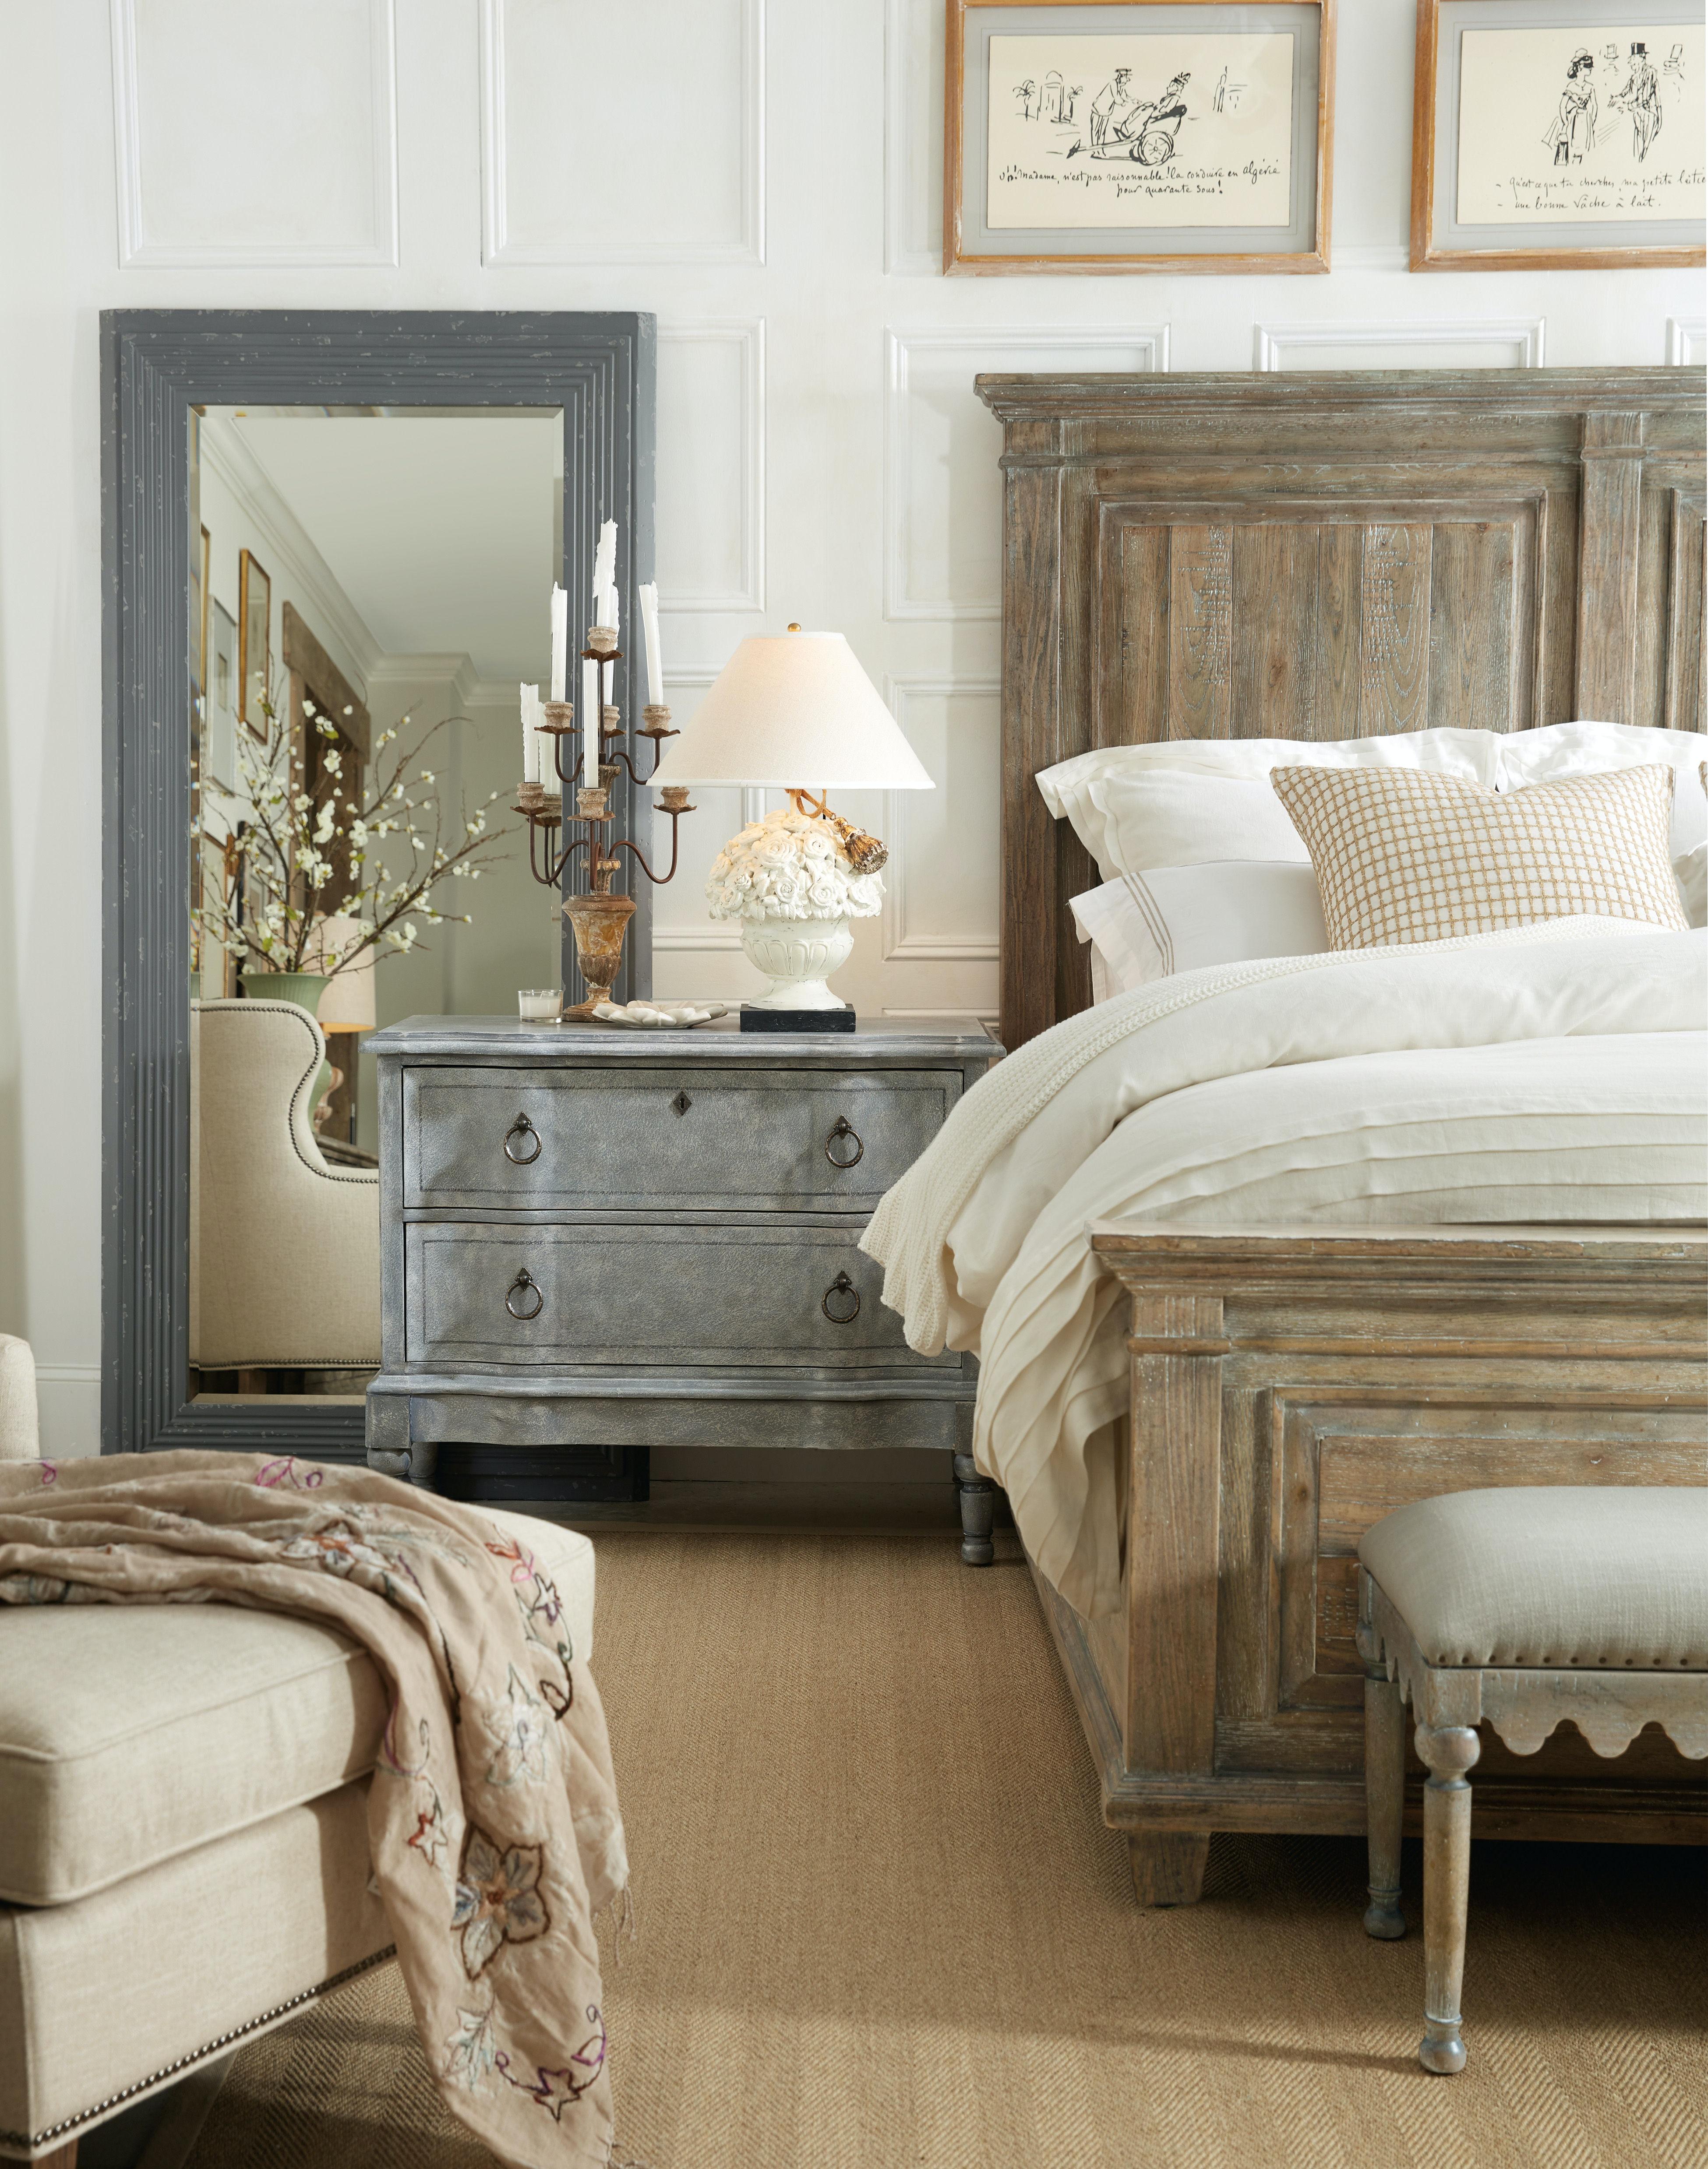 Hooker Furniture Bedroom Boheme Laurier Queen Panel Bed 5750-90250-MWD